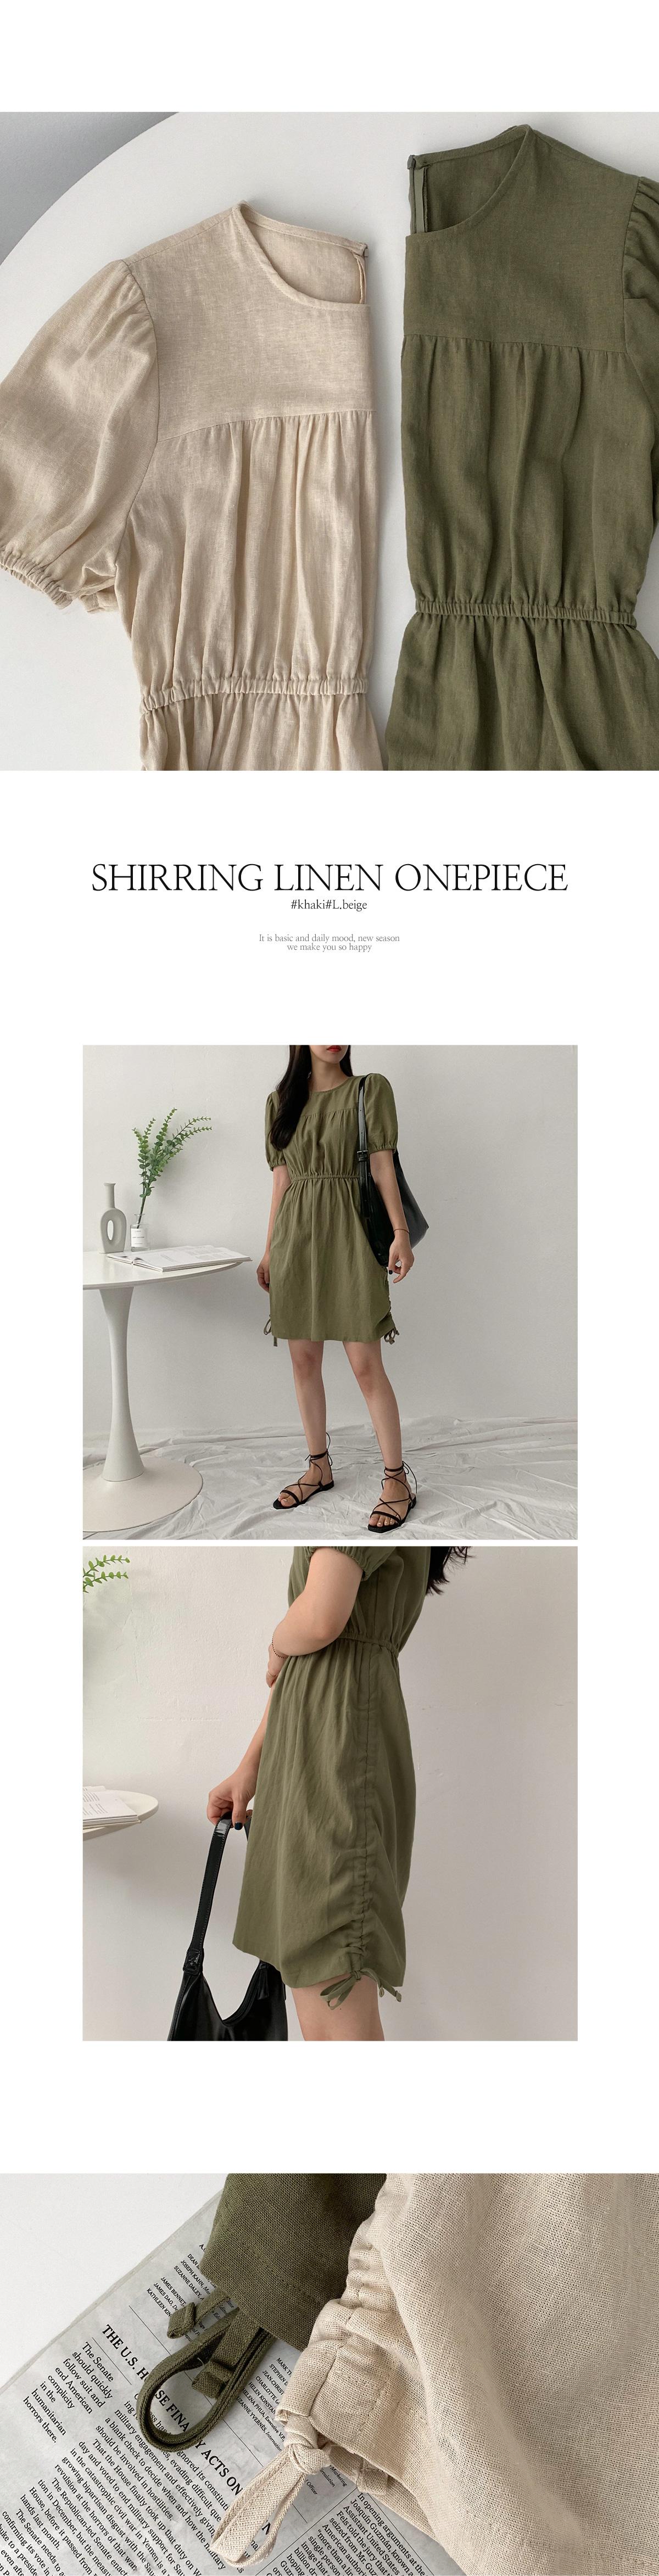 Manelshire Linen Dress